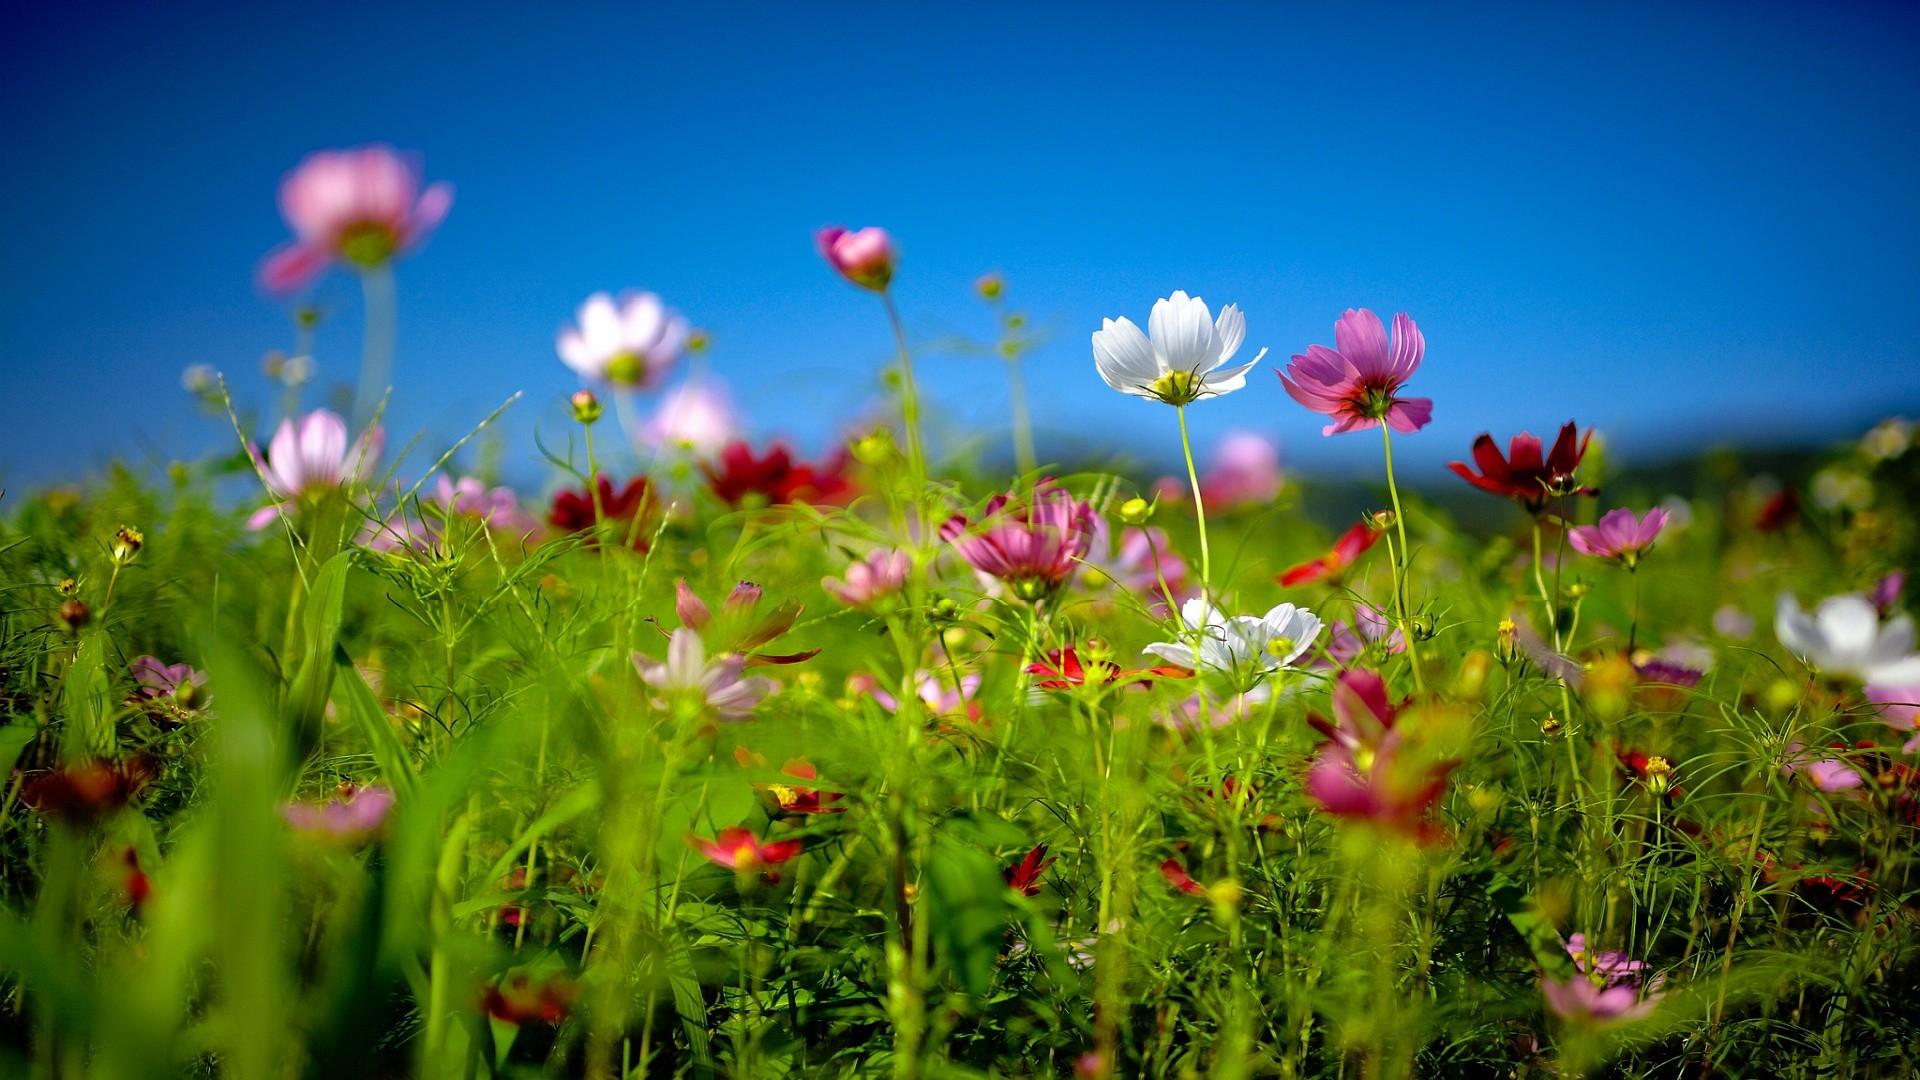 Res: 1920x1080, 7. summer-flower-wallpaper7-600x338